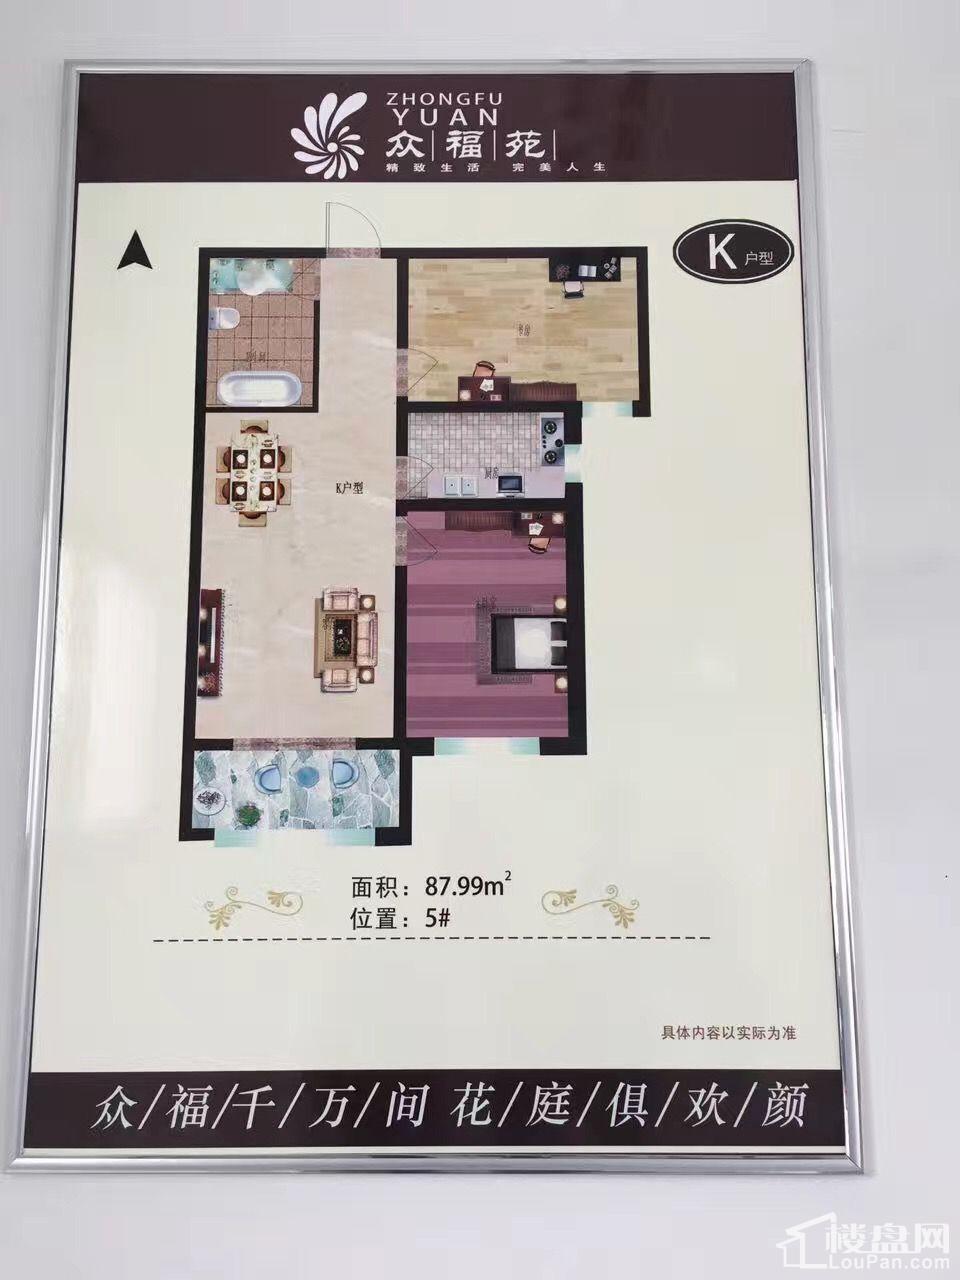 涿州 《众福苑养老公寓》户型图